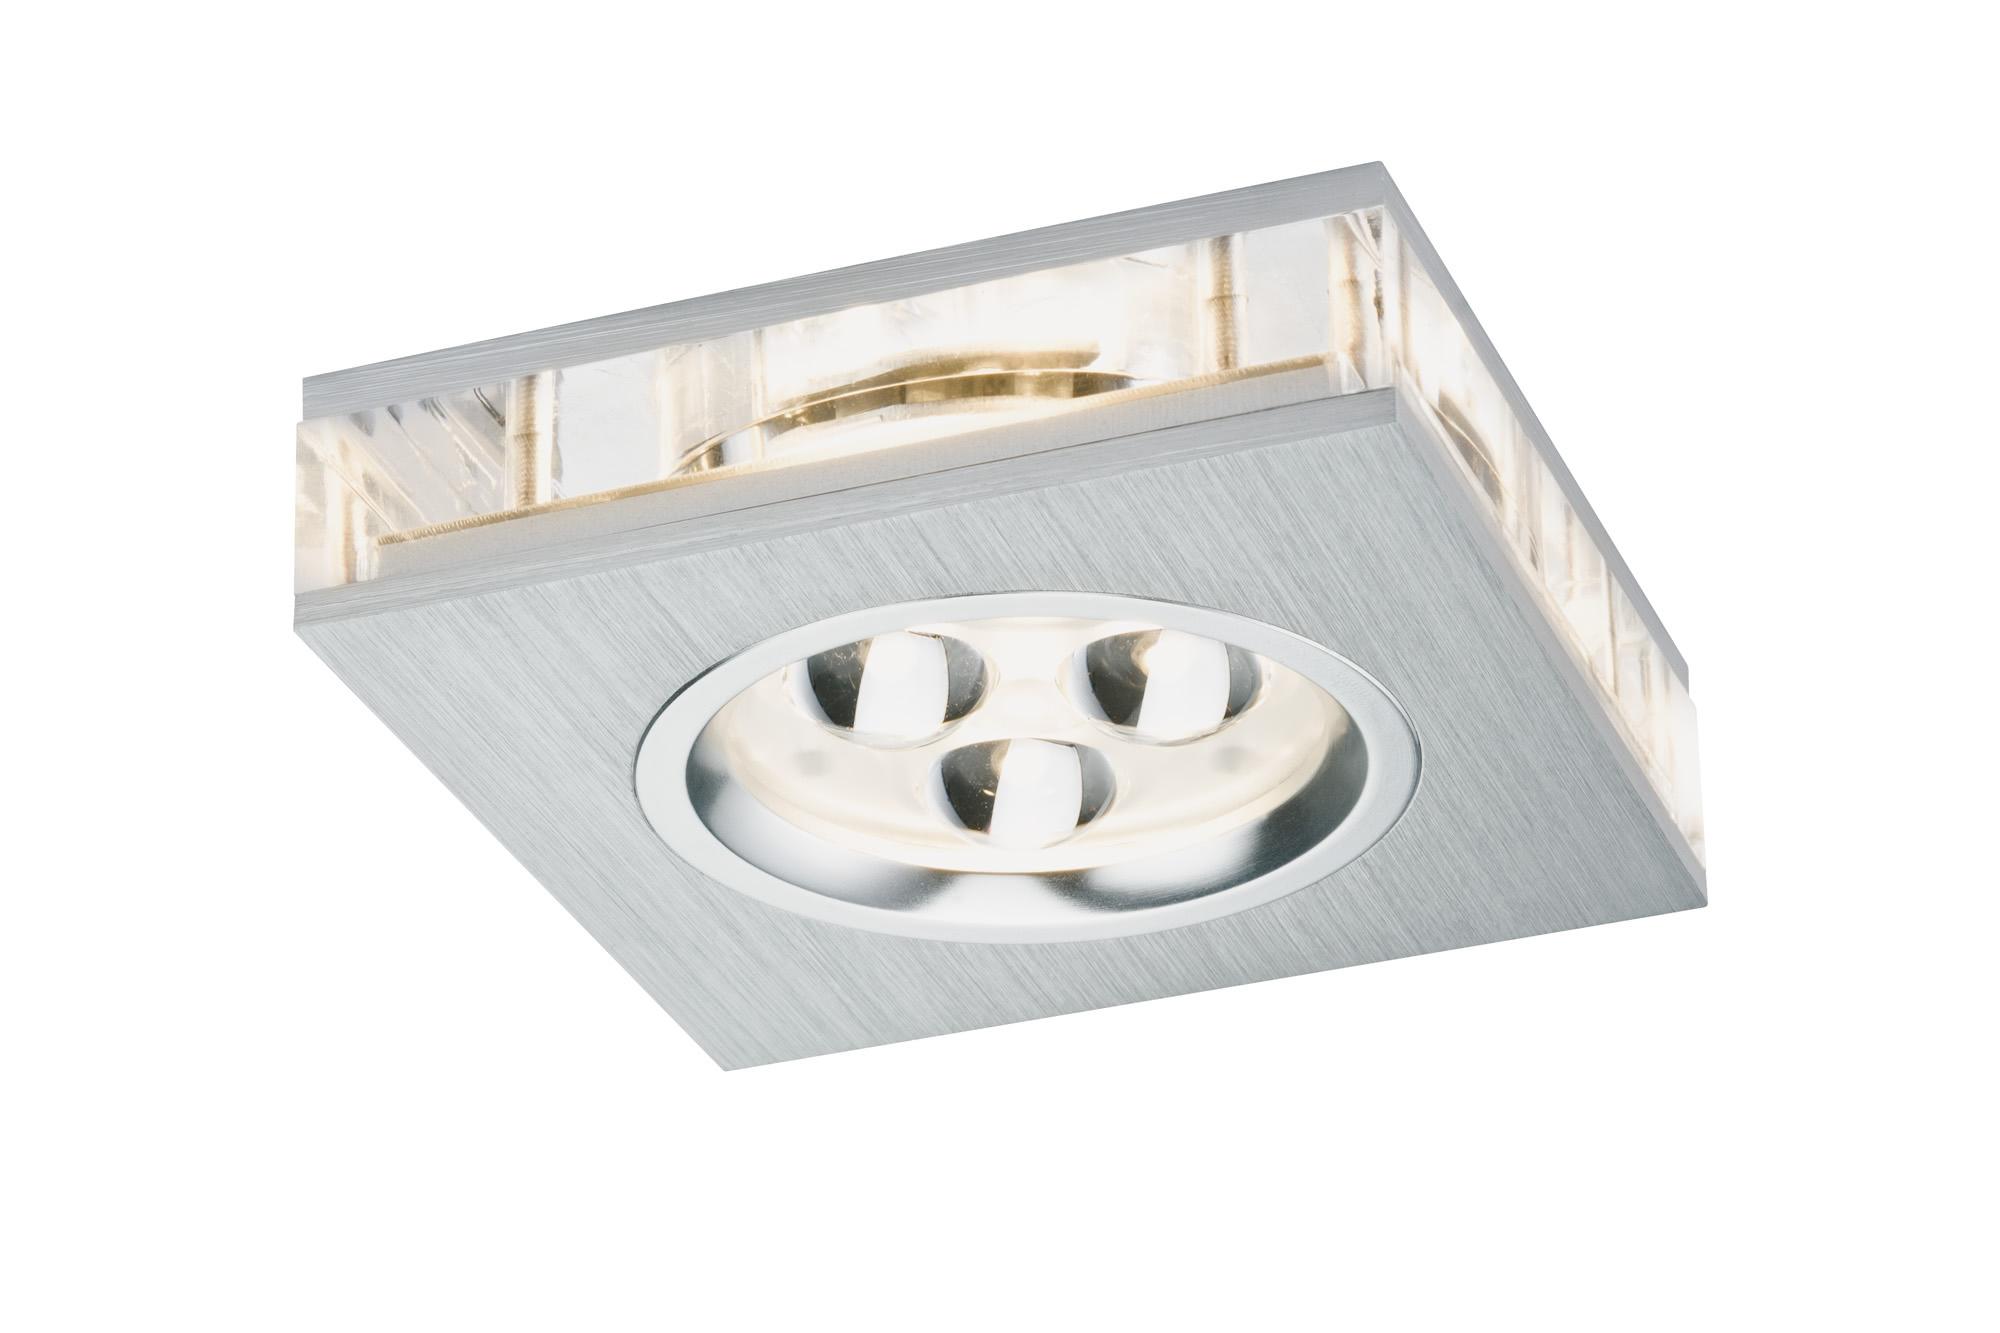 Paulmann. 92539 Набор св-ков Premium EBL Liro LED 3x3W Alu-g